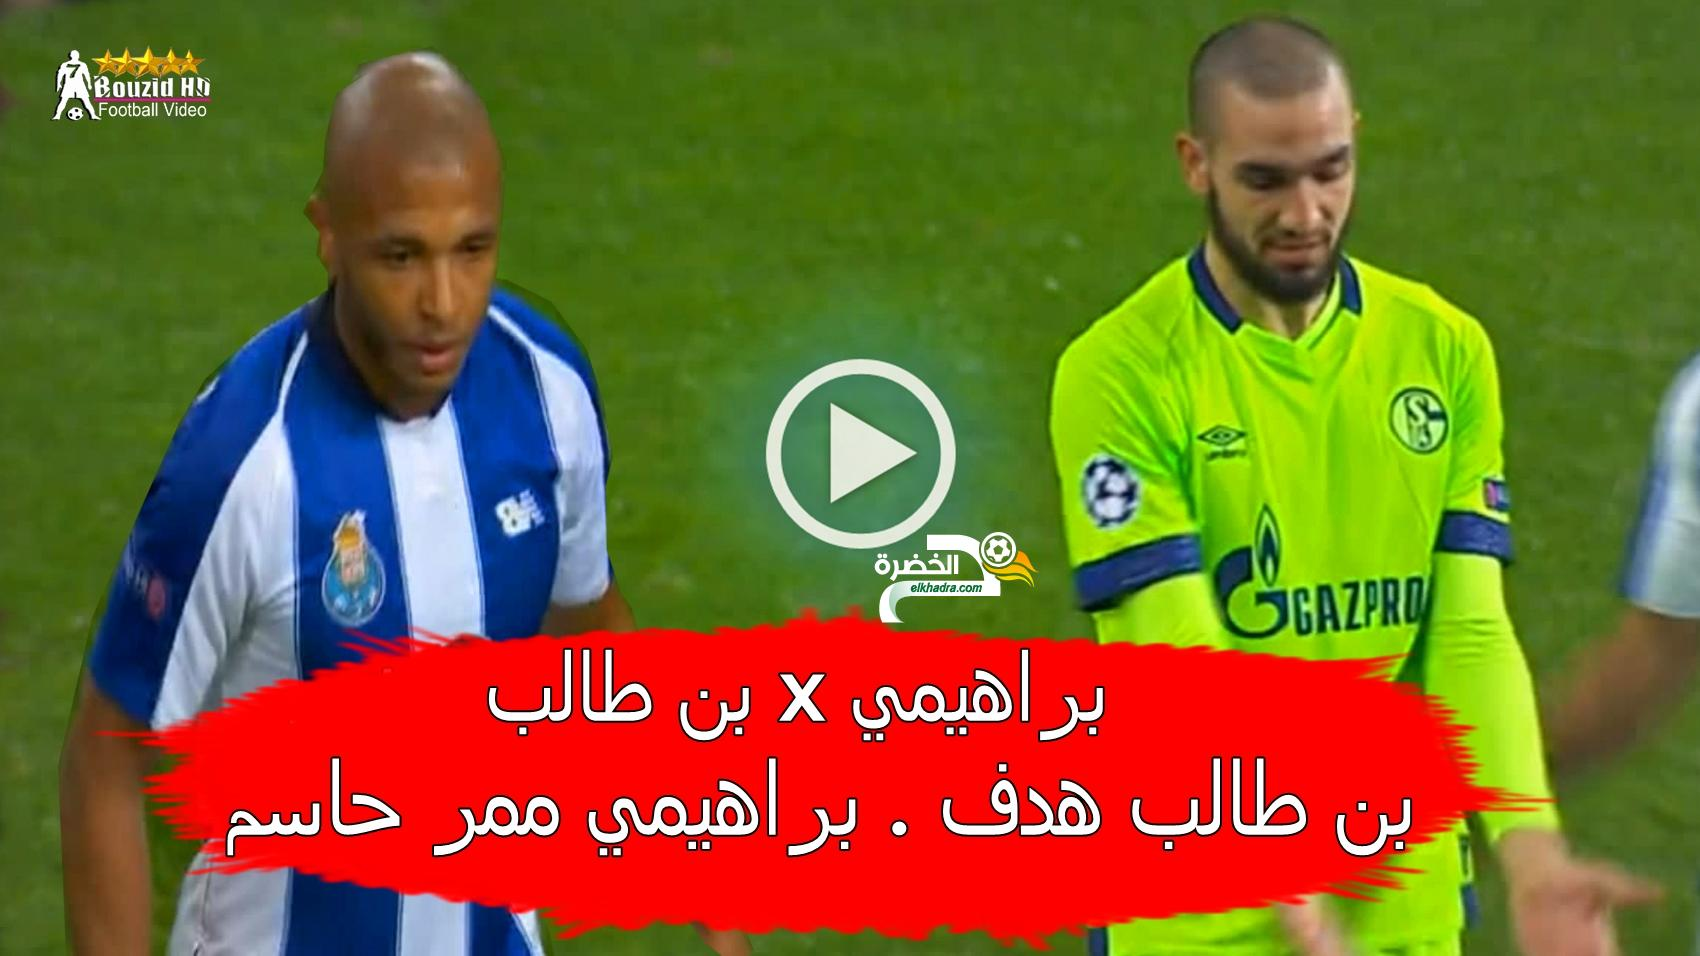 بالفيديو شاهد تألق براهيمي و بن طالب في دوري ابـــ,طال اوورربـــا 29